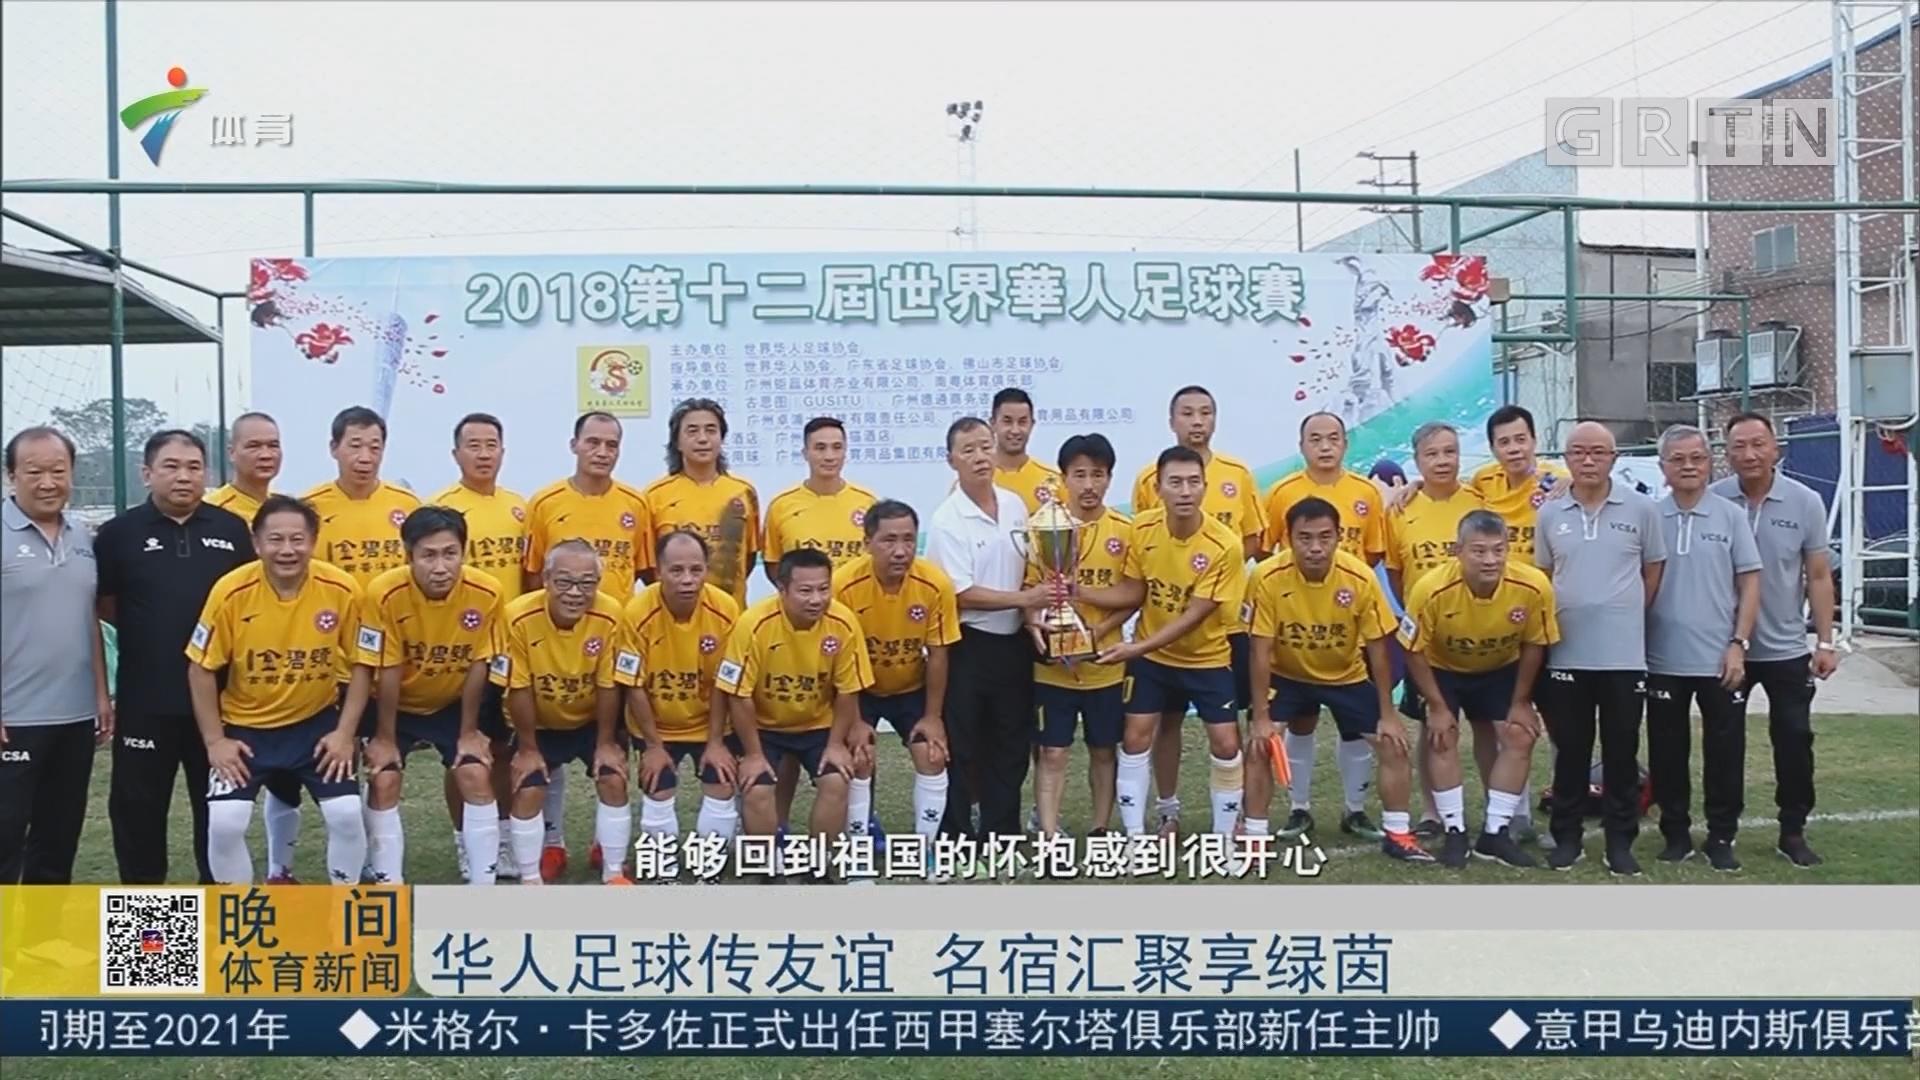 华人足球传友谊 名宿汇聚享绿茵